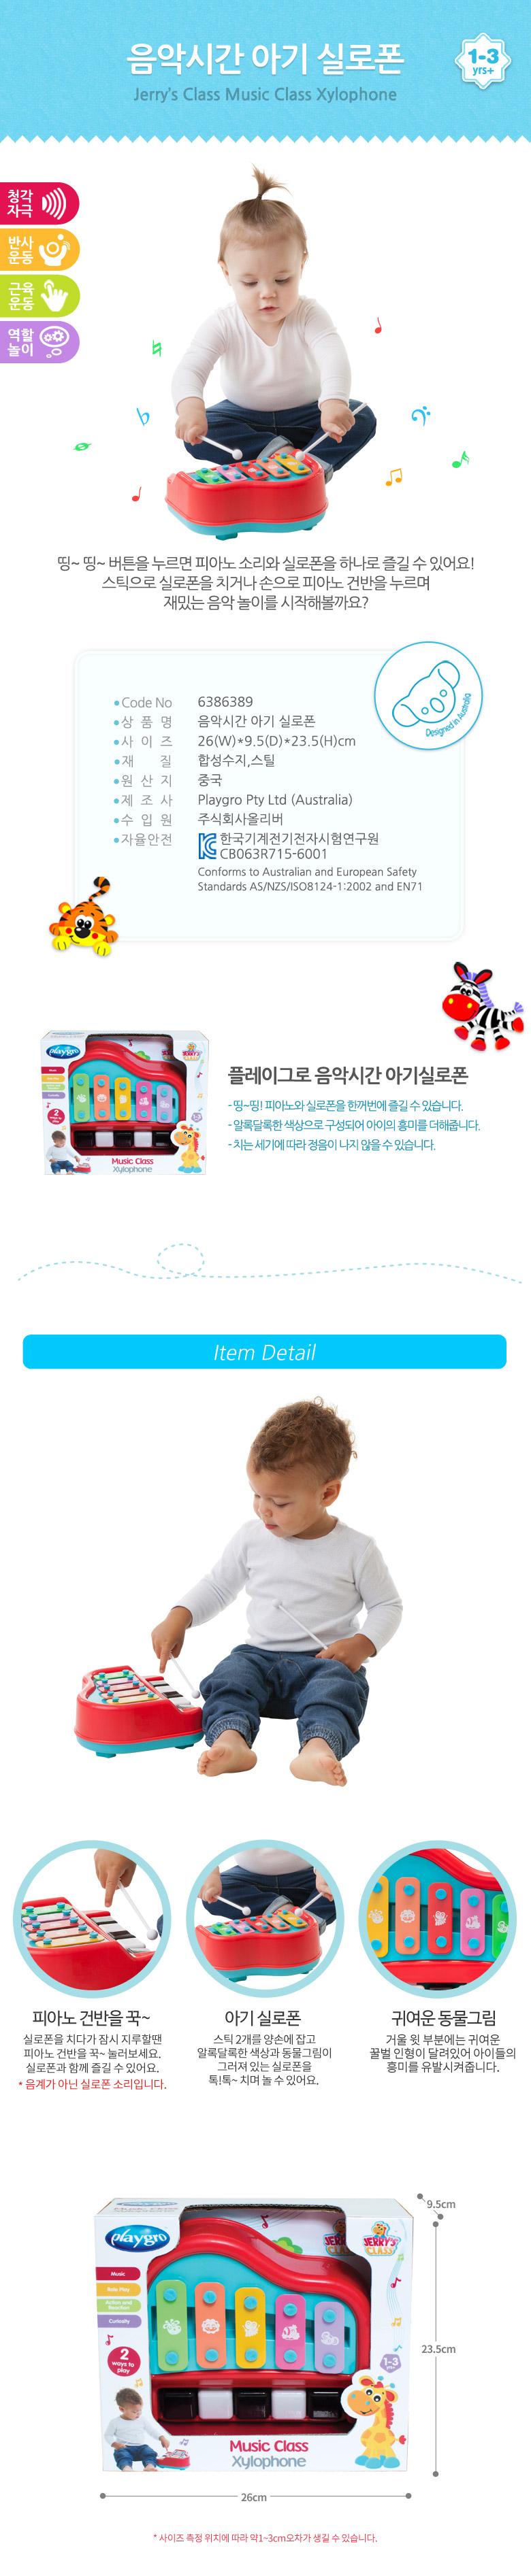 플레이그로 음악 시간 아기 실로폰 피아노 실로폰 피아노 아기실로폰 어린이피아노 악기 어린이장난감 어린이악기 실로폰장난감 장난감피아노 어린이실로폰